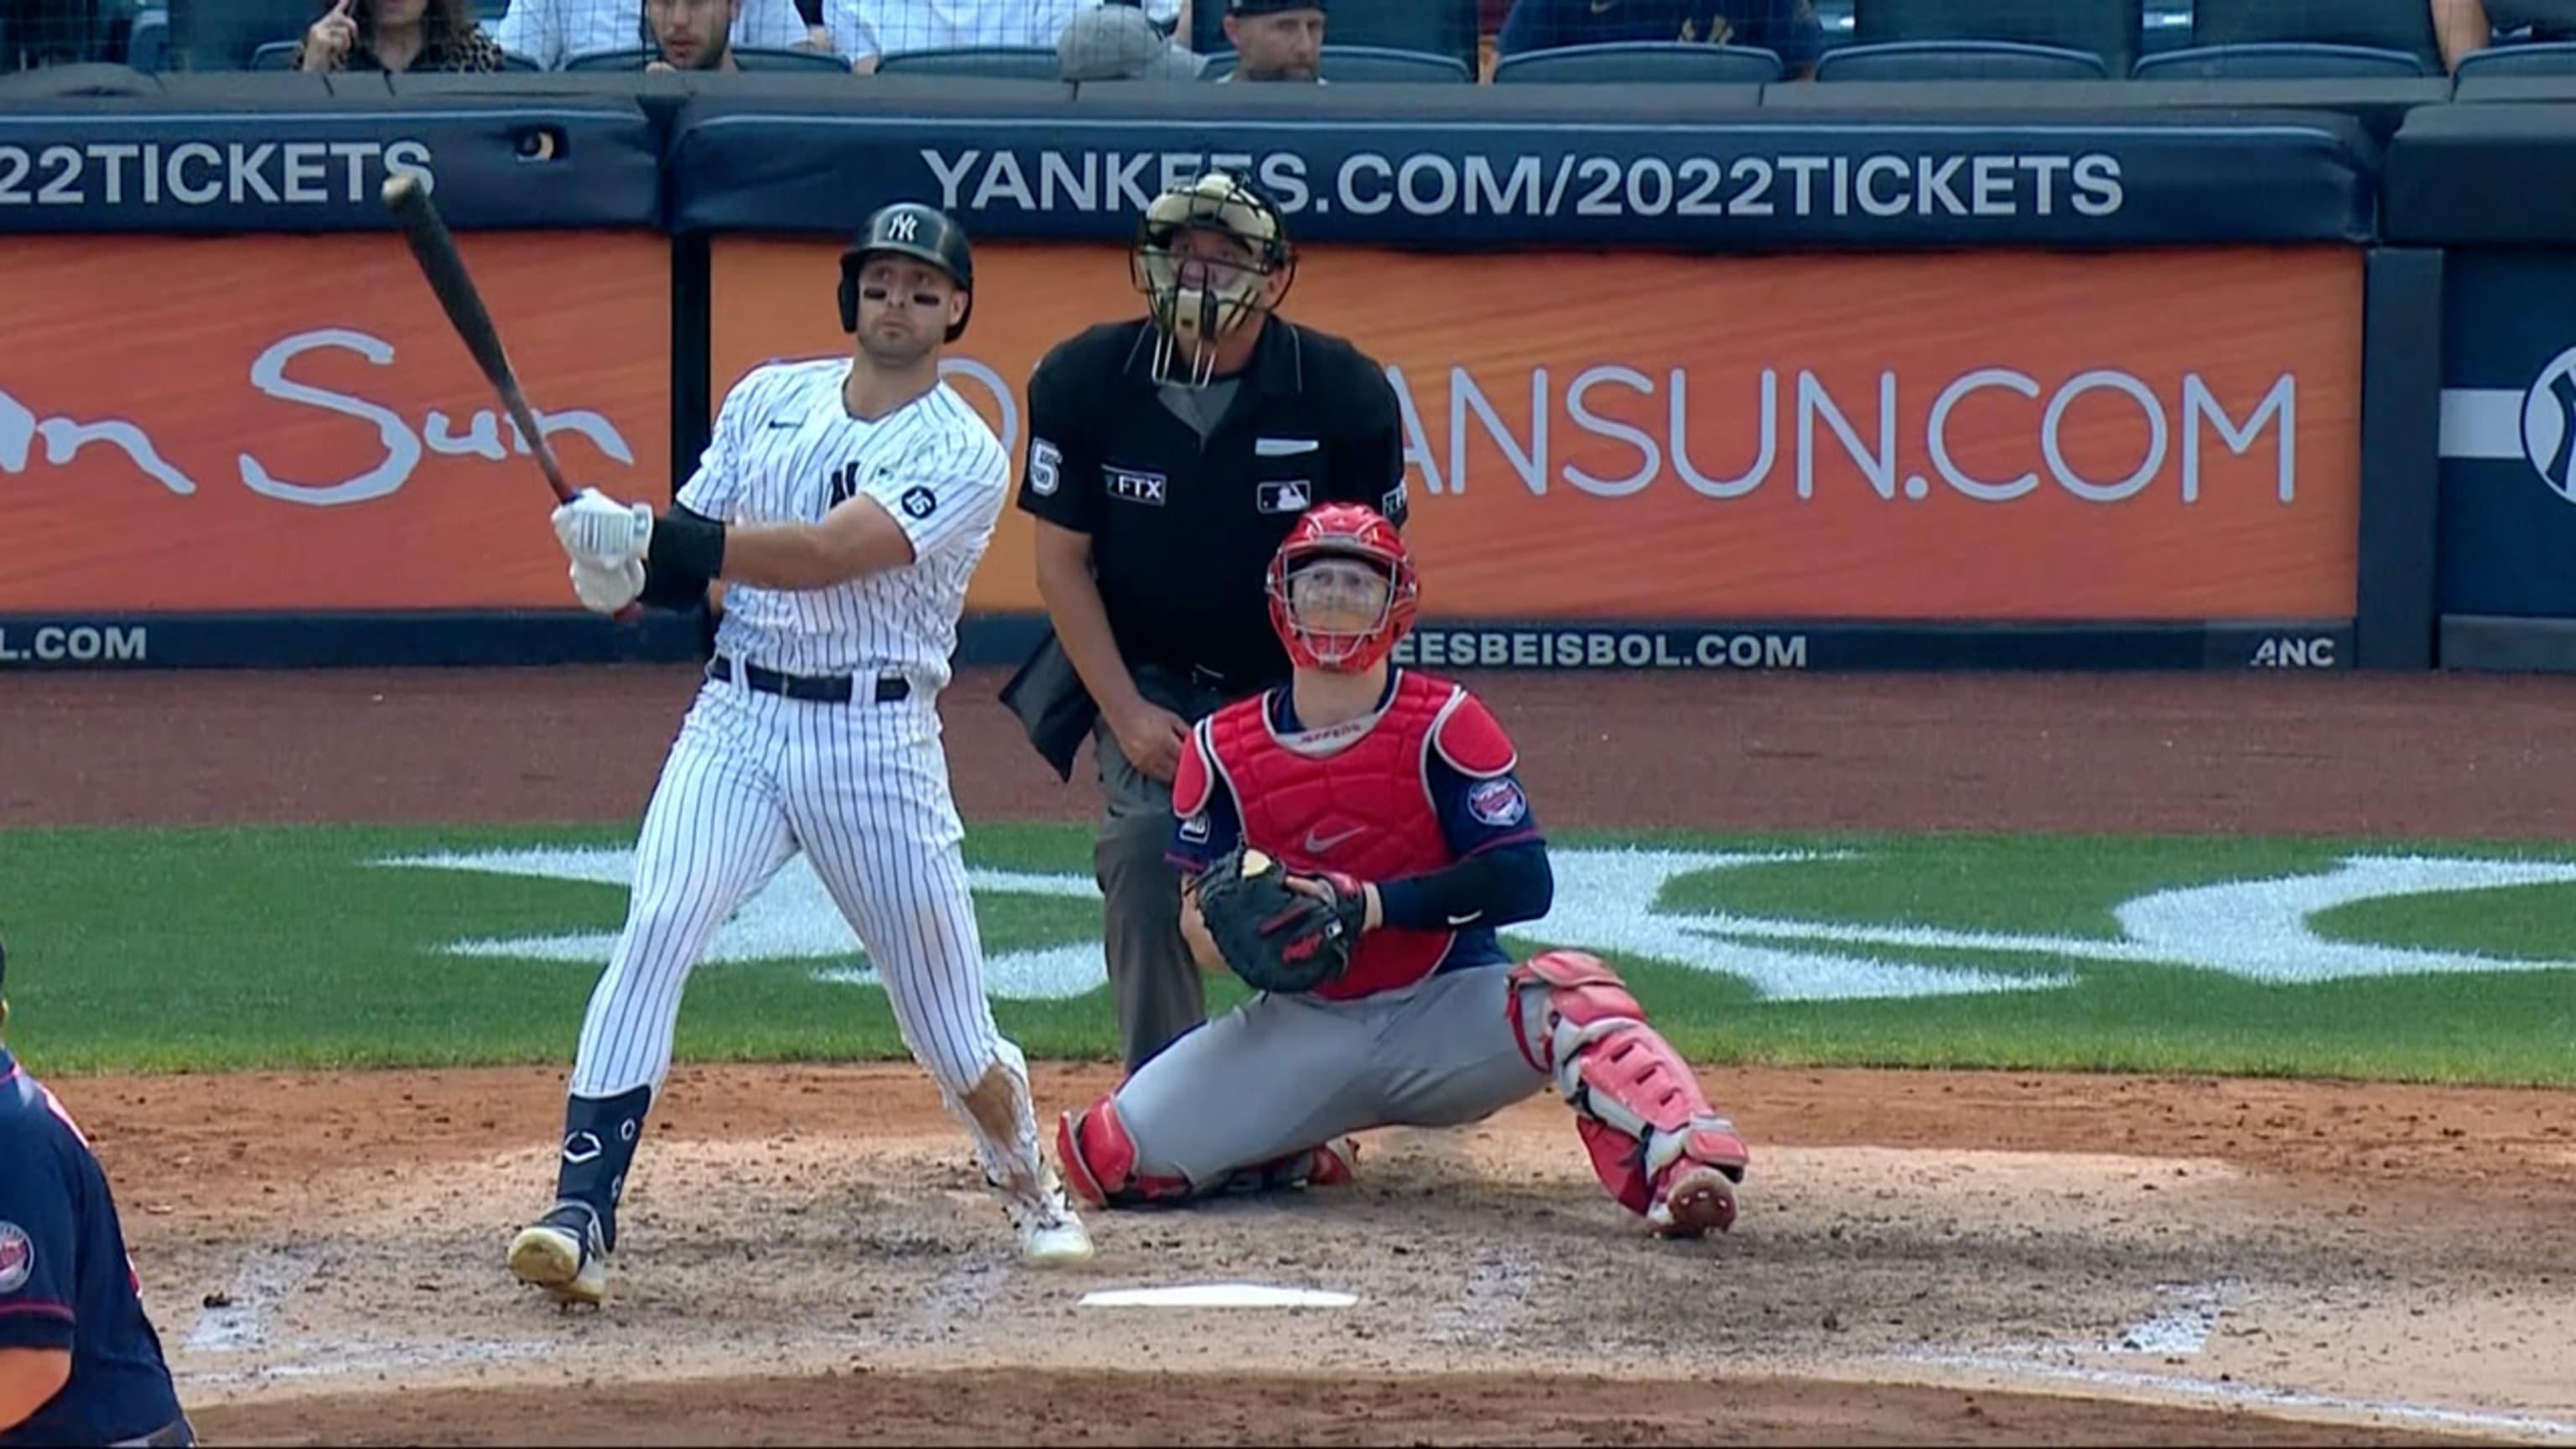 Los Yankees pegan 2 jonrones